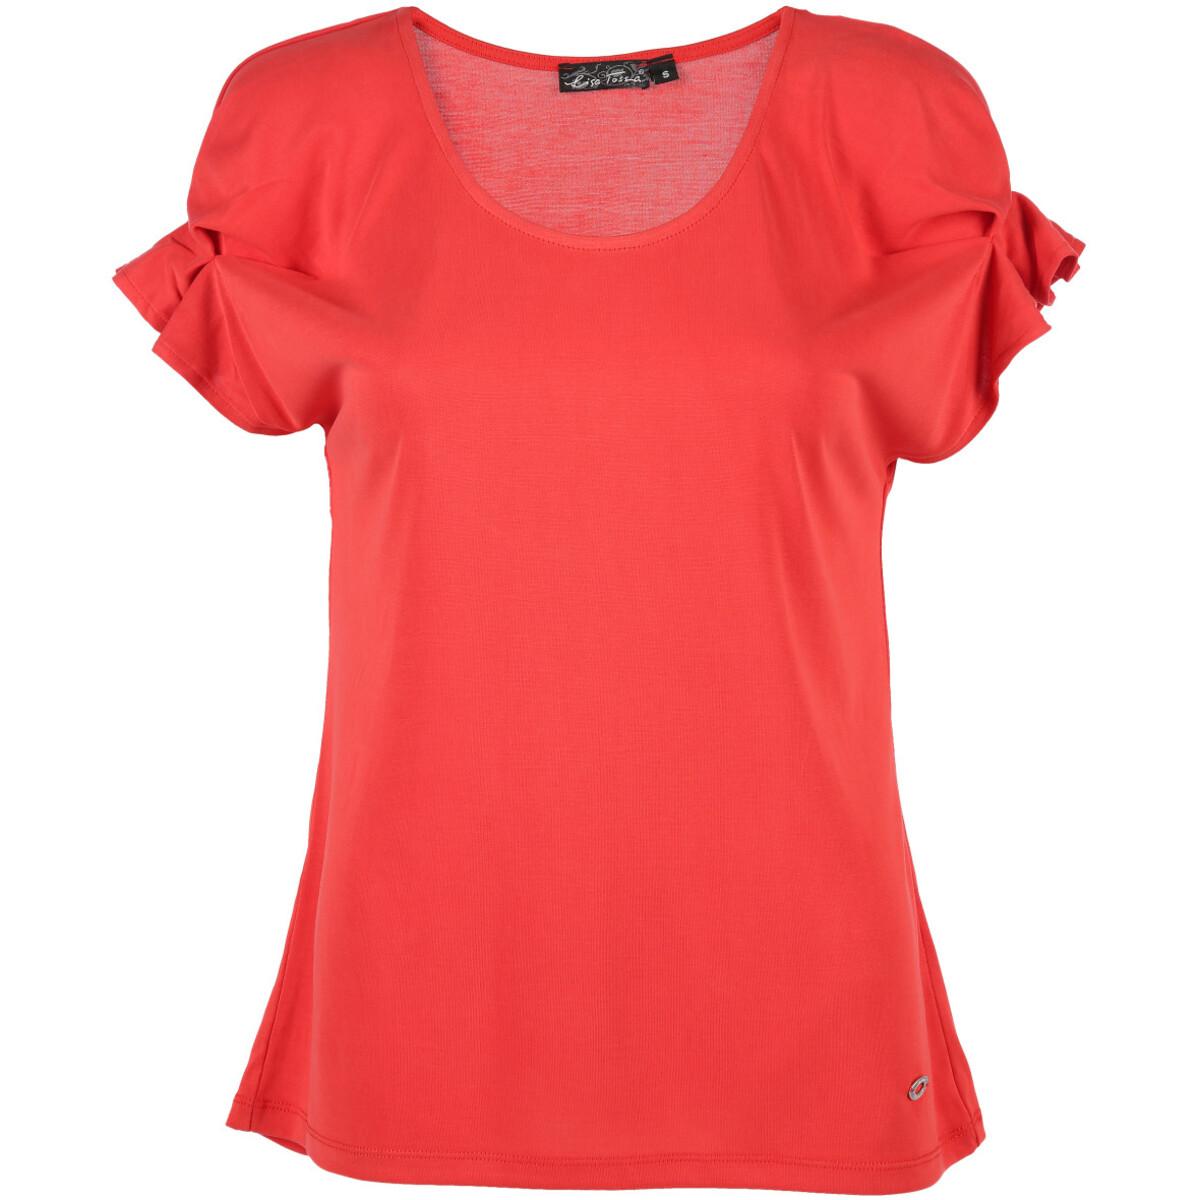 Bild 1 von Damen Shirt mit raffinierten Ärmeln